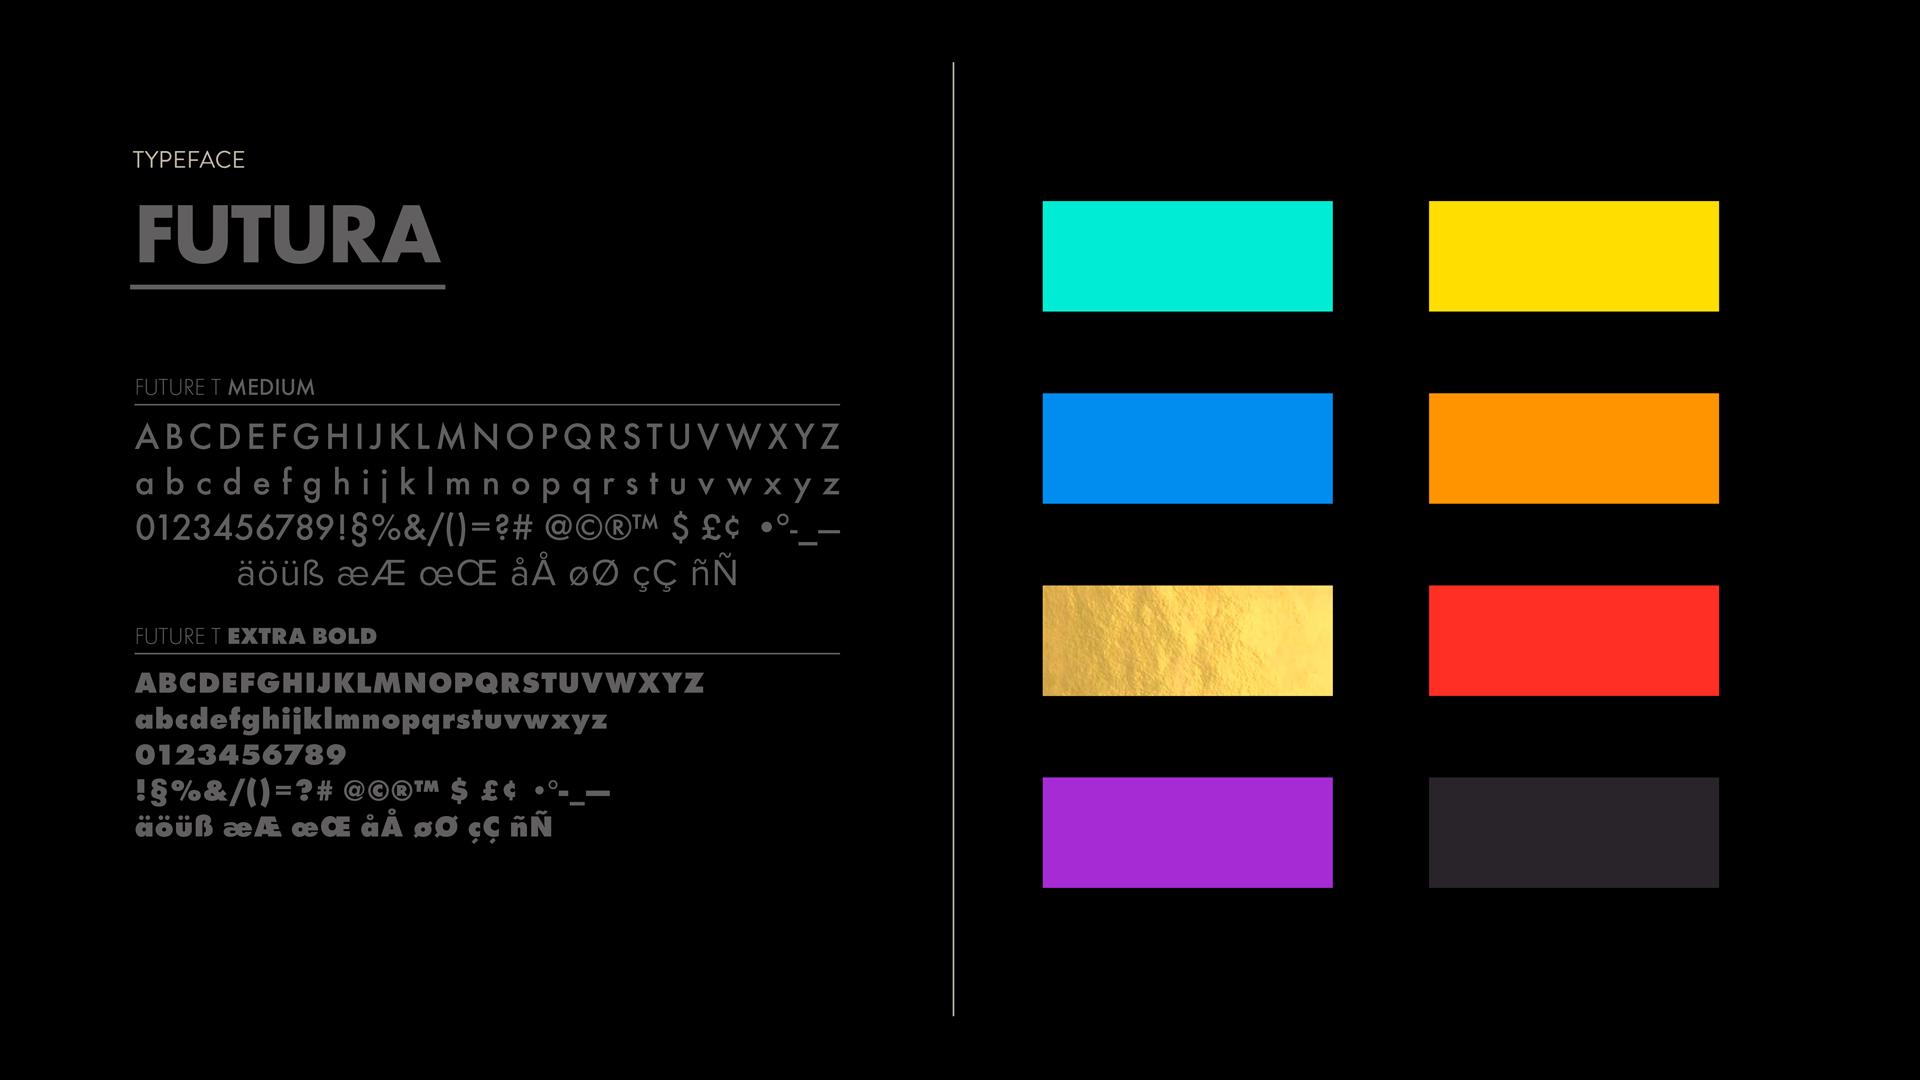 Font&Color.jpg